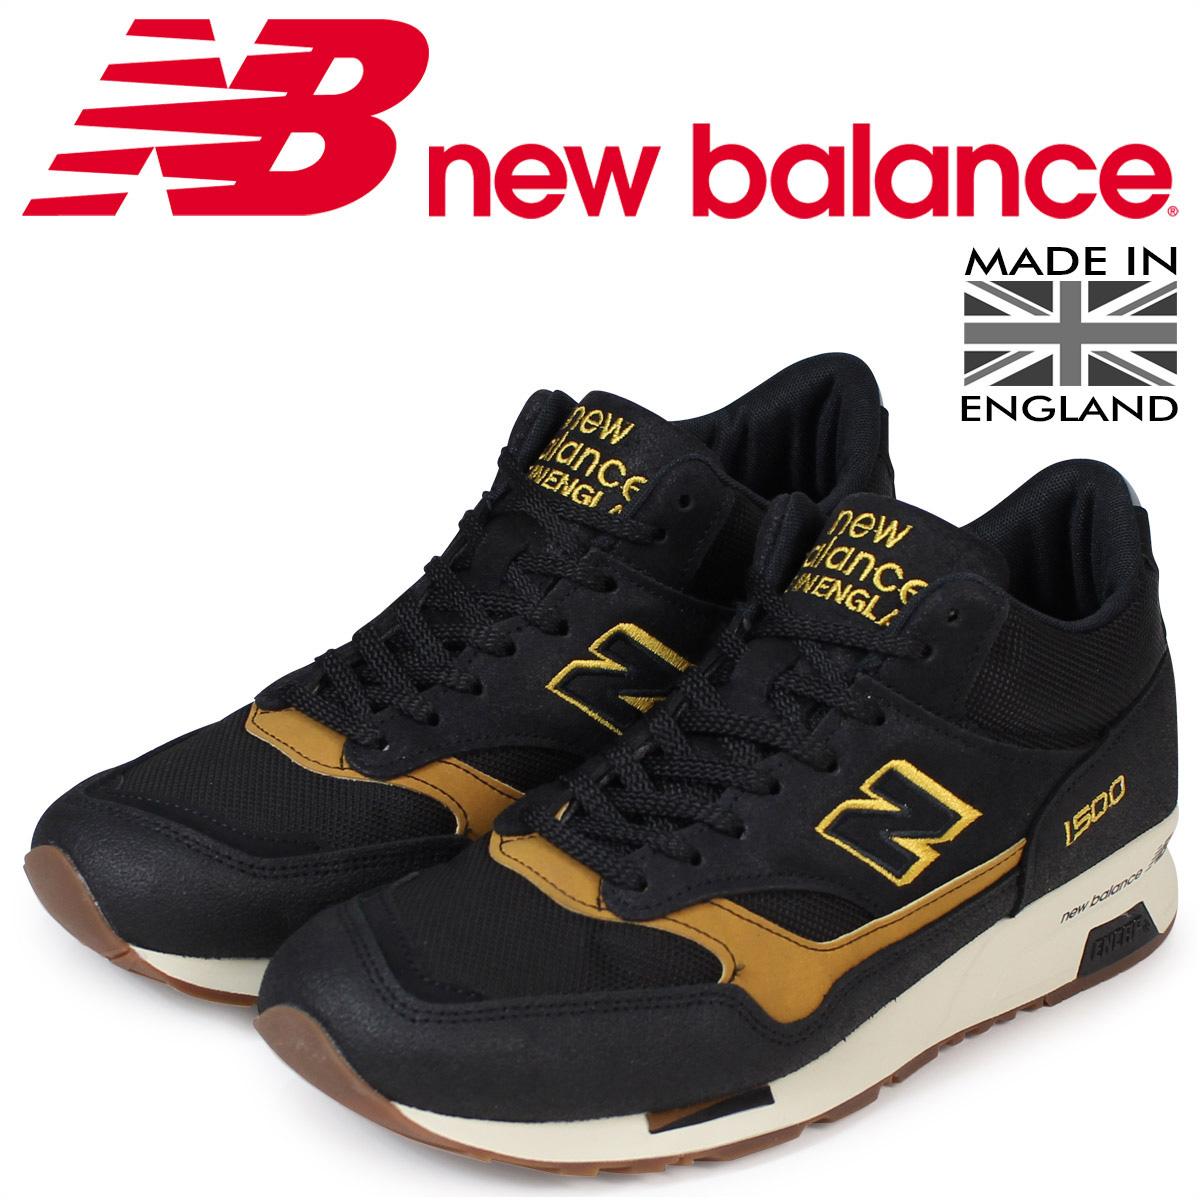 new balance 1500 new zealand 12 nz